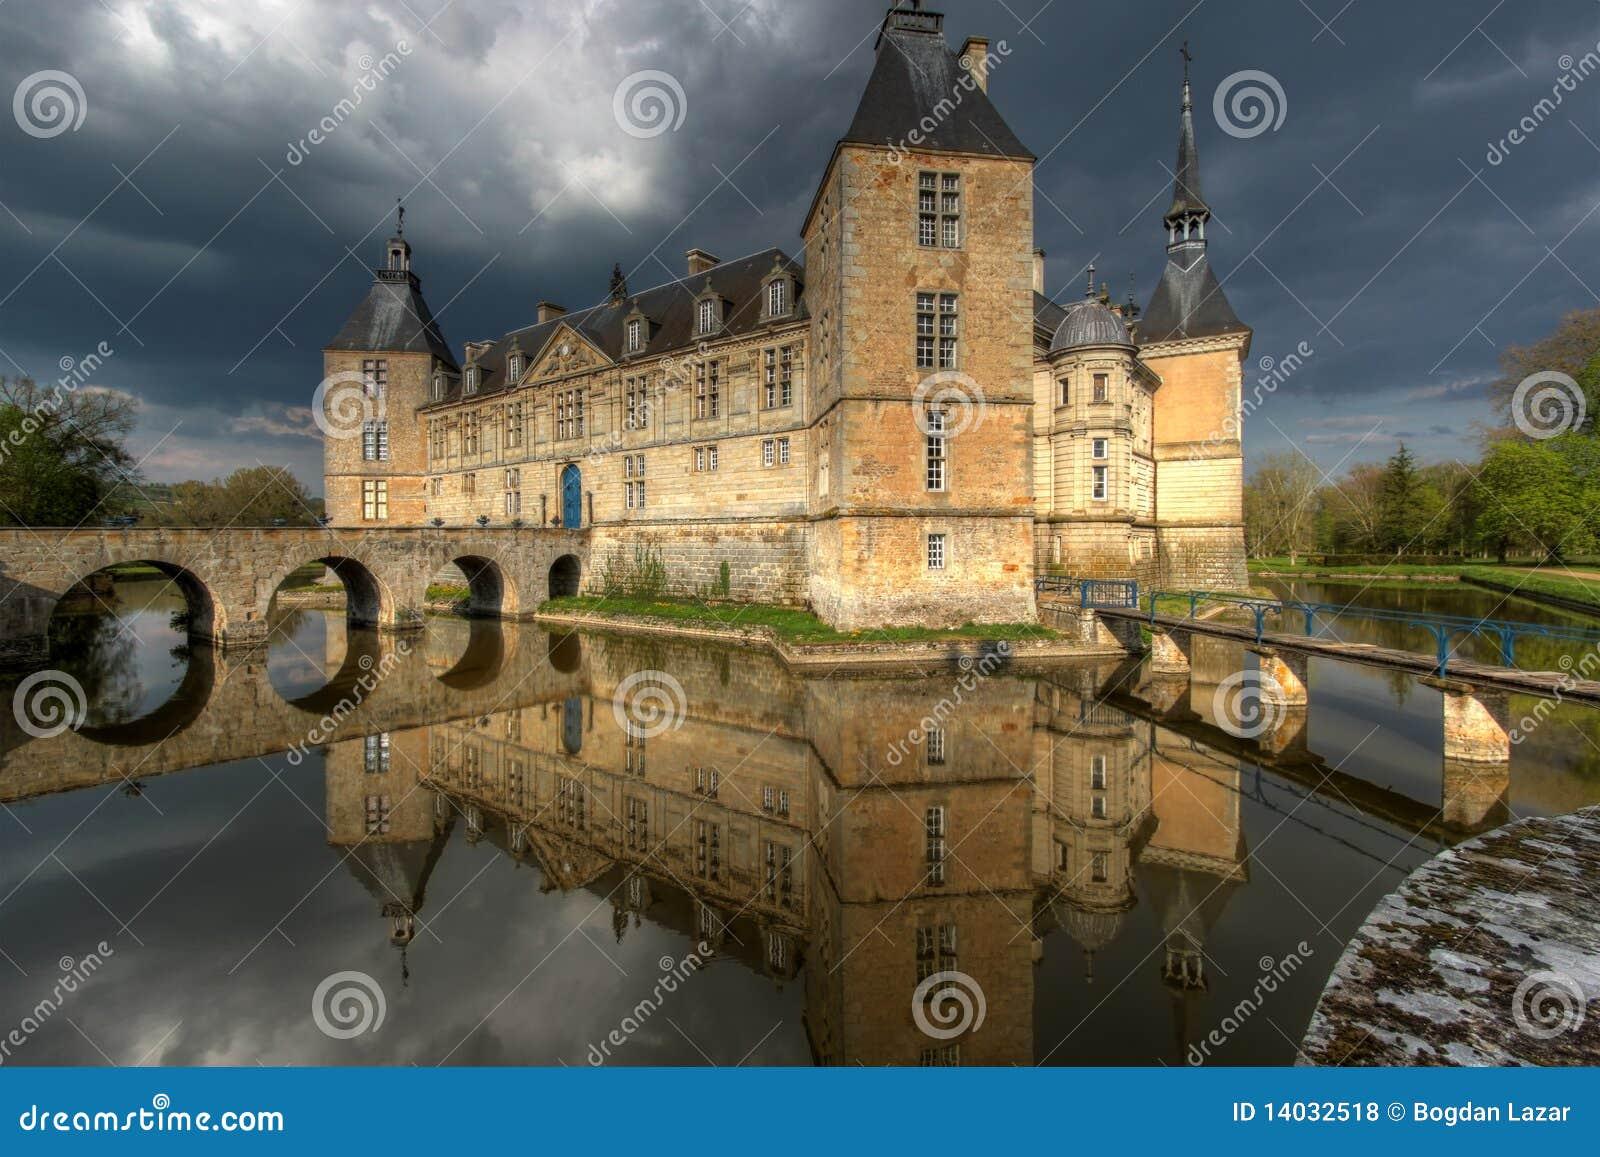 Chateau de Sully 01, Burgunder, Frankreich